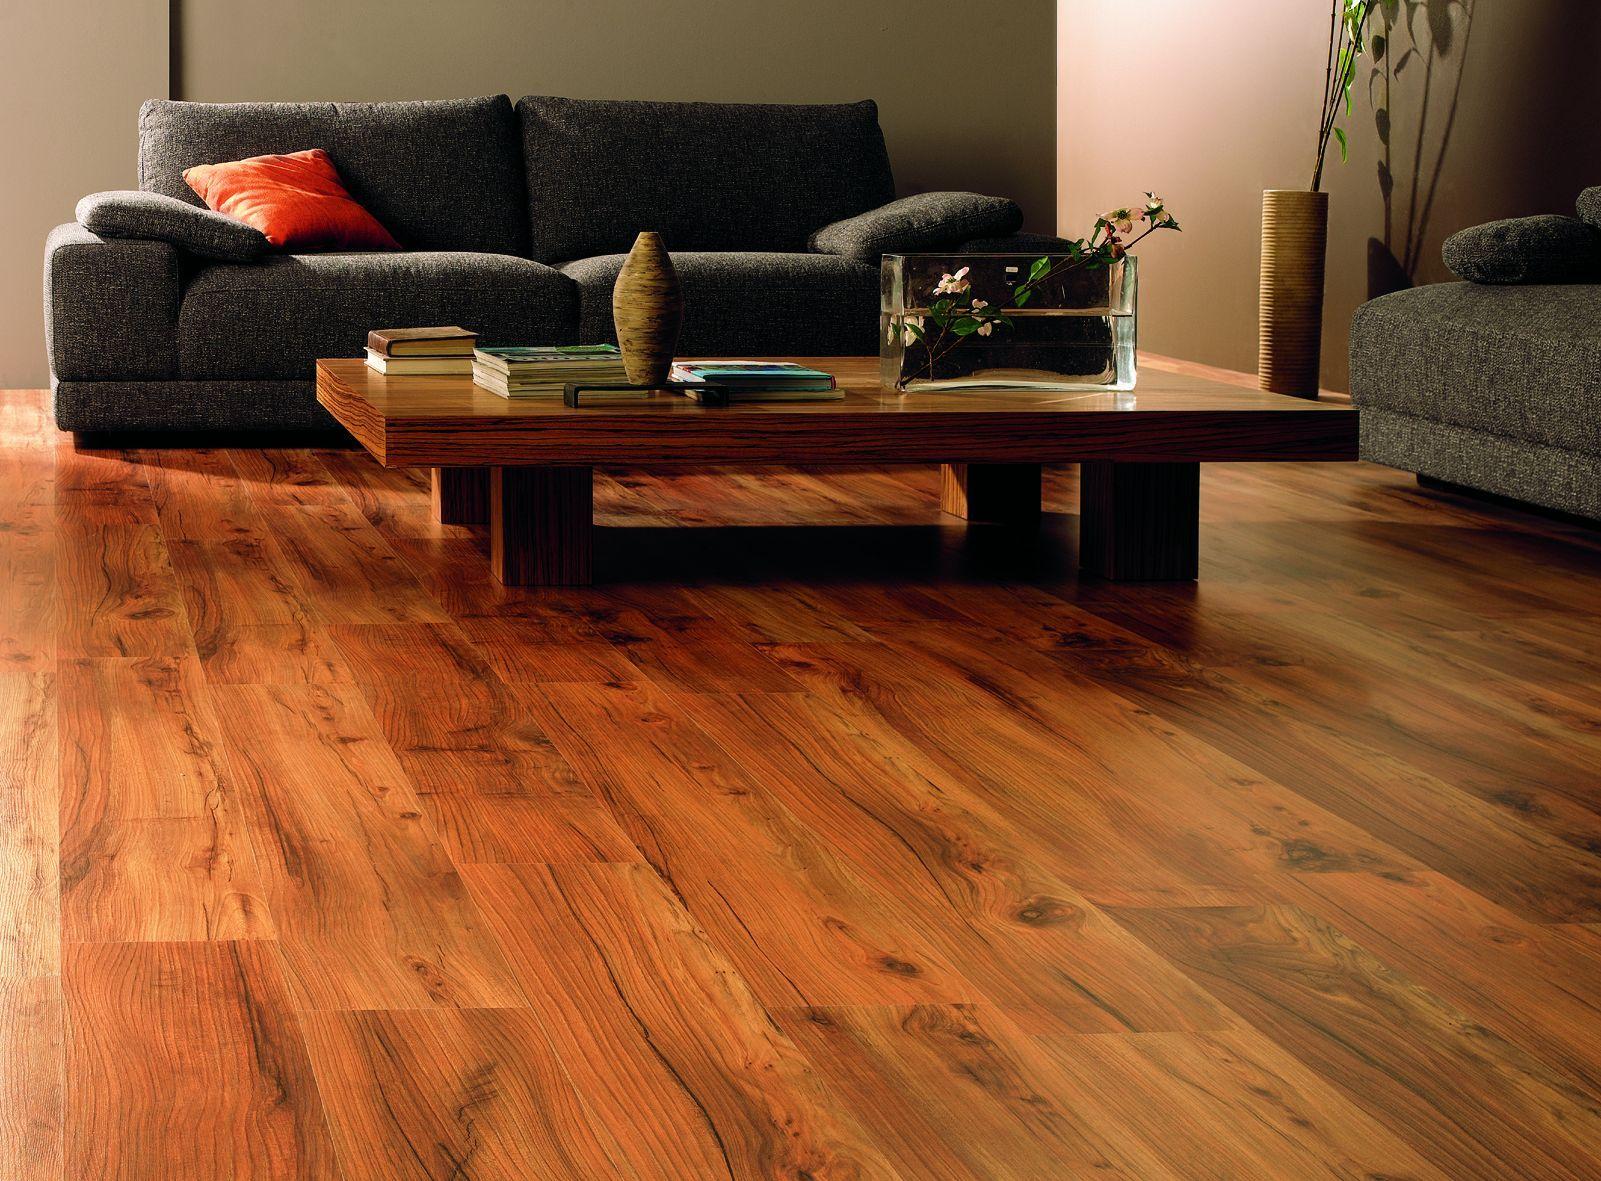 Pisos de madera | DECO | Pinterest | Solid wood flooring, Living ...